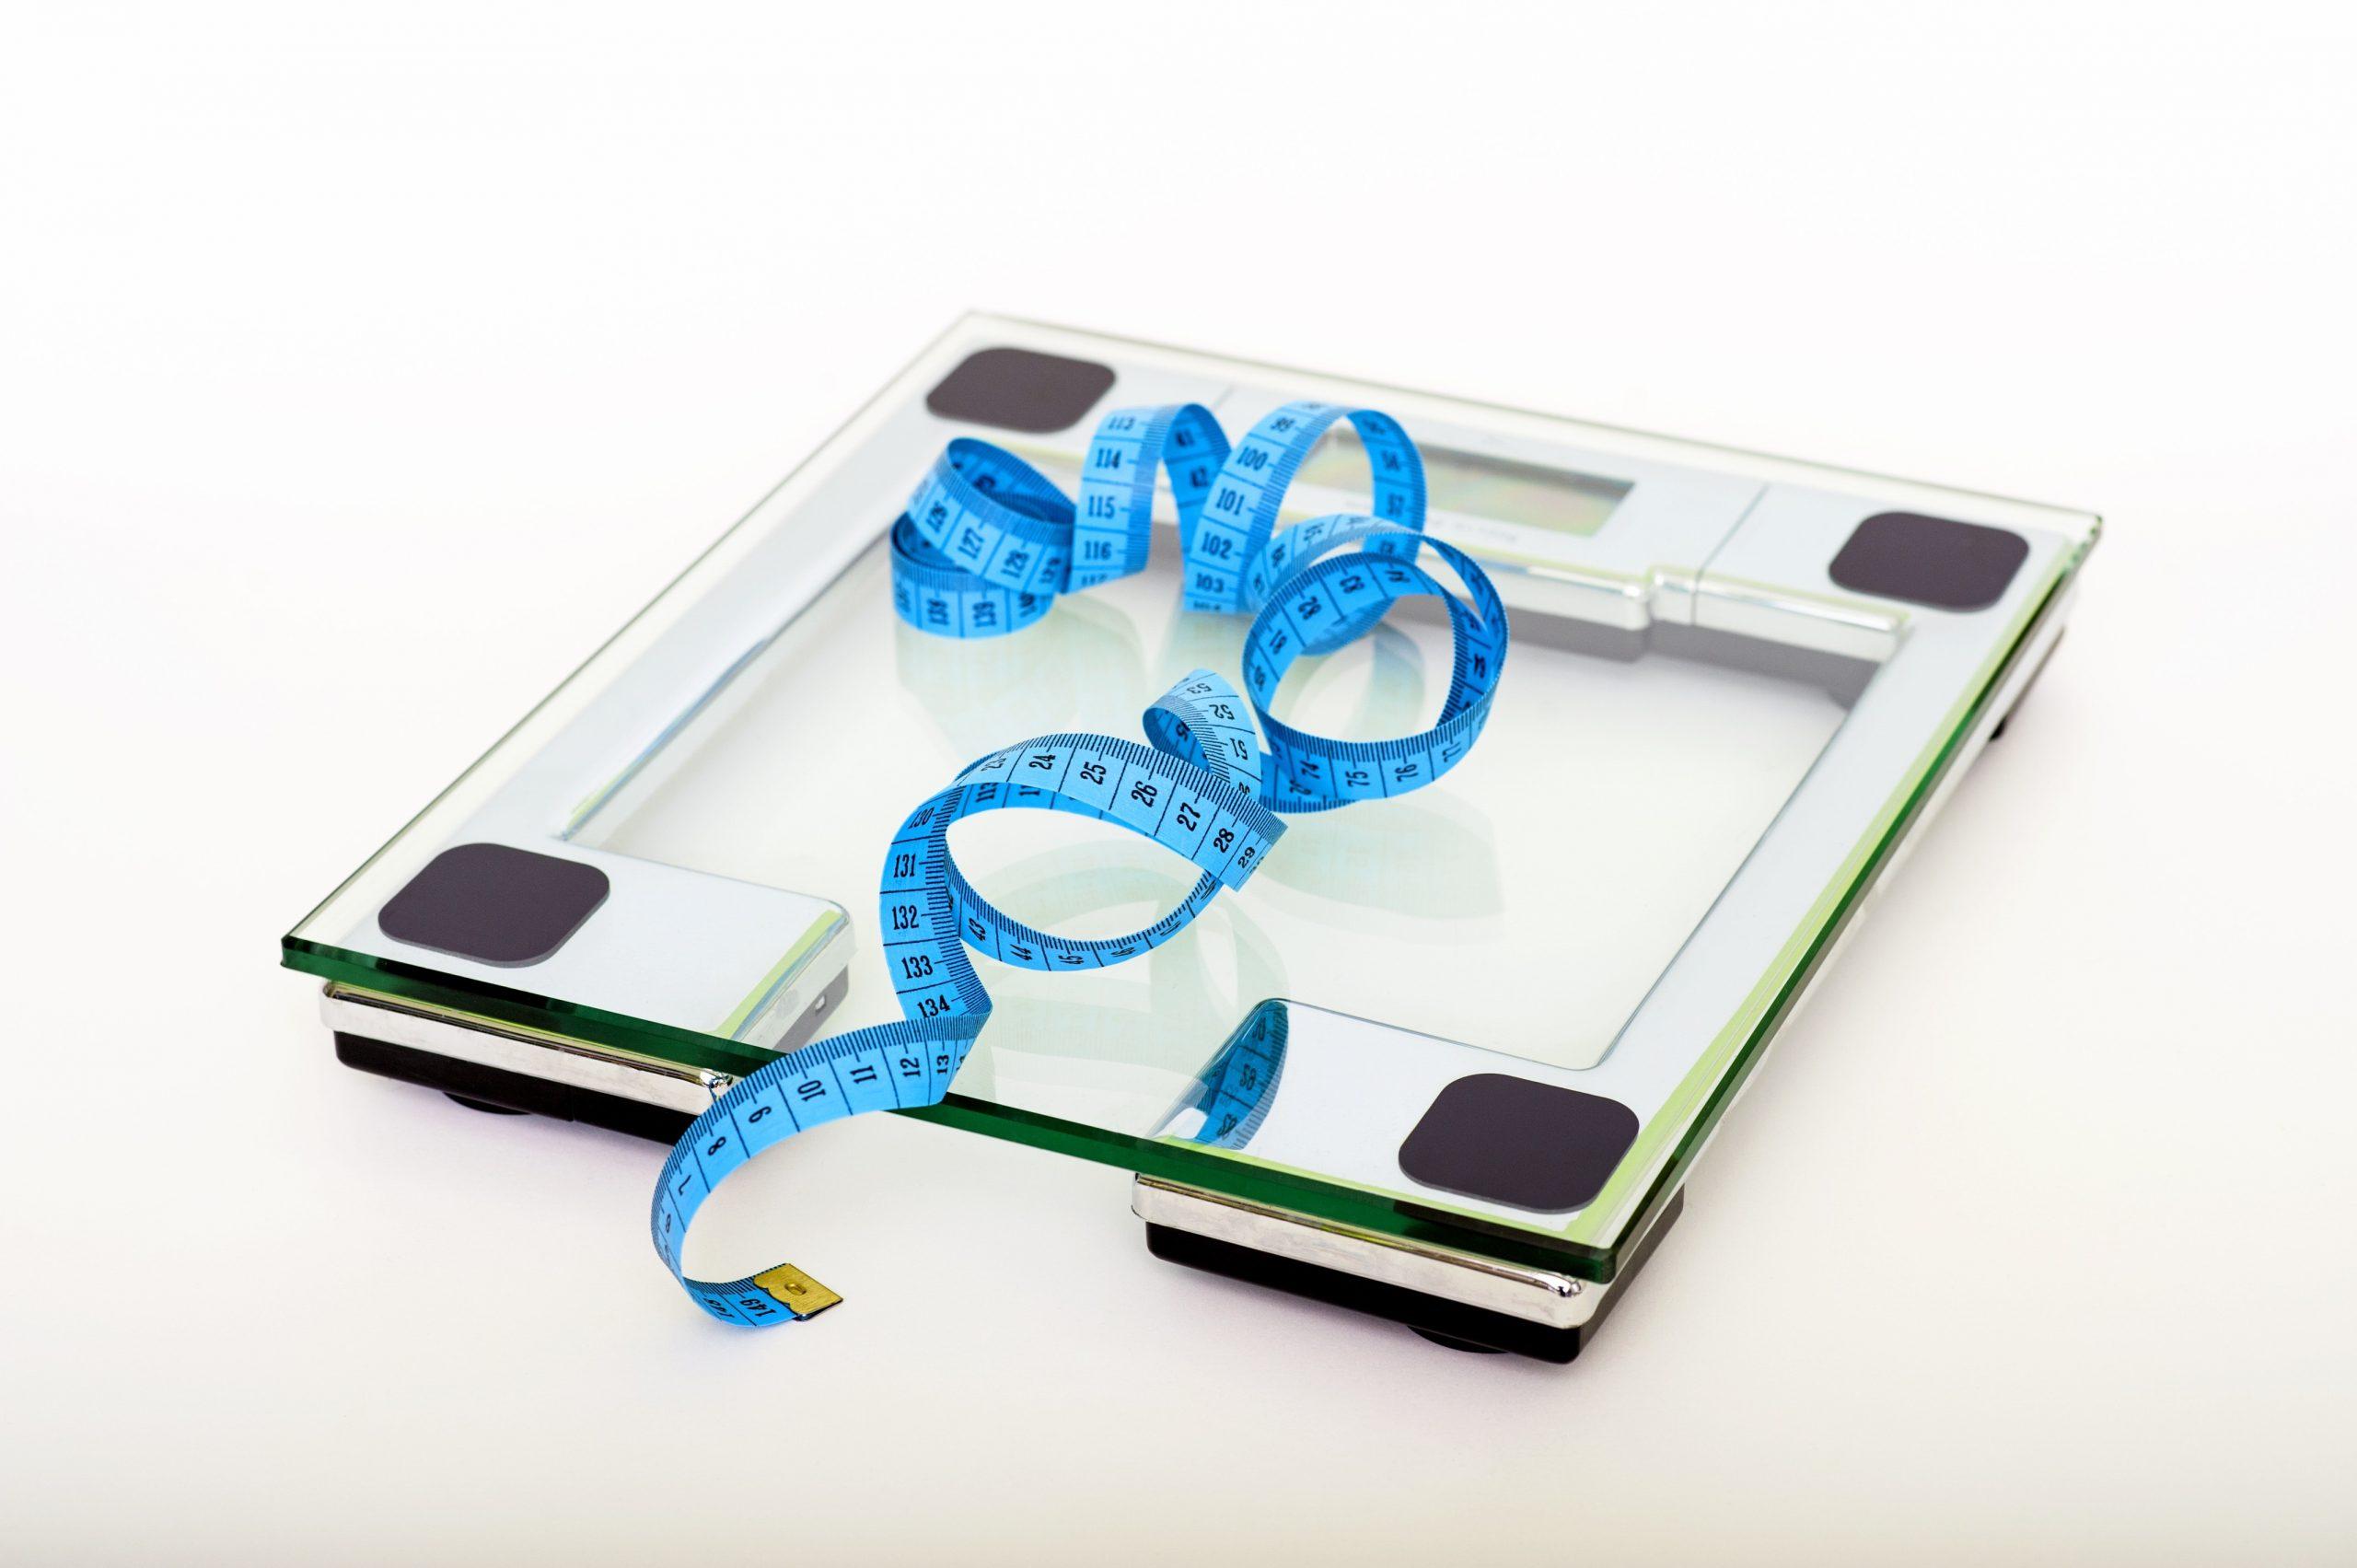 Trucos para bajar de peso sin hacer dieta